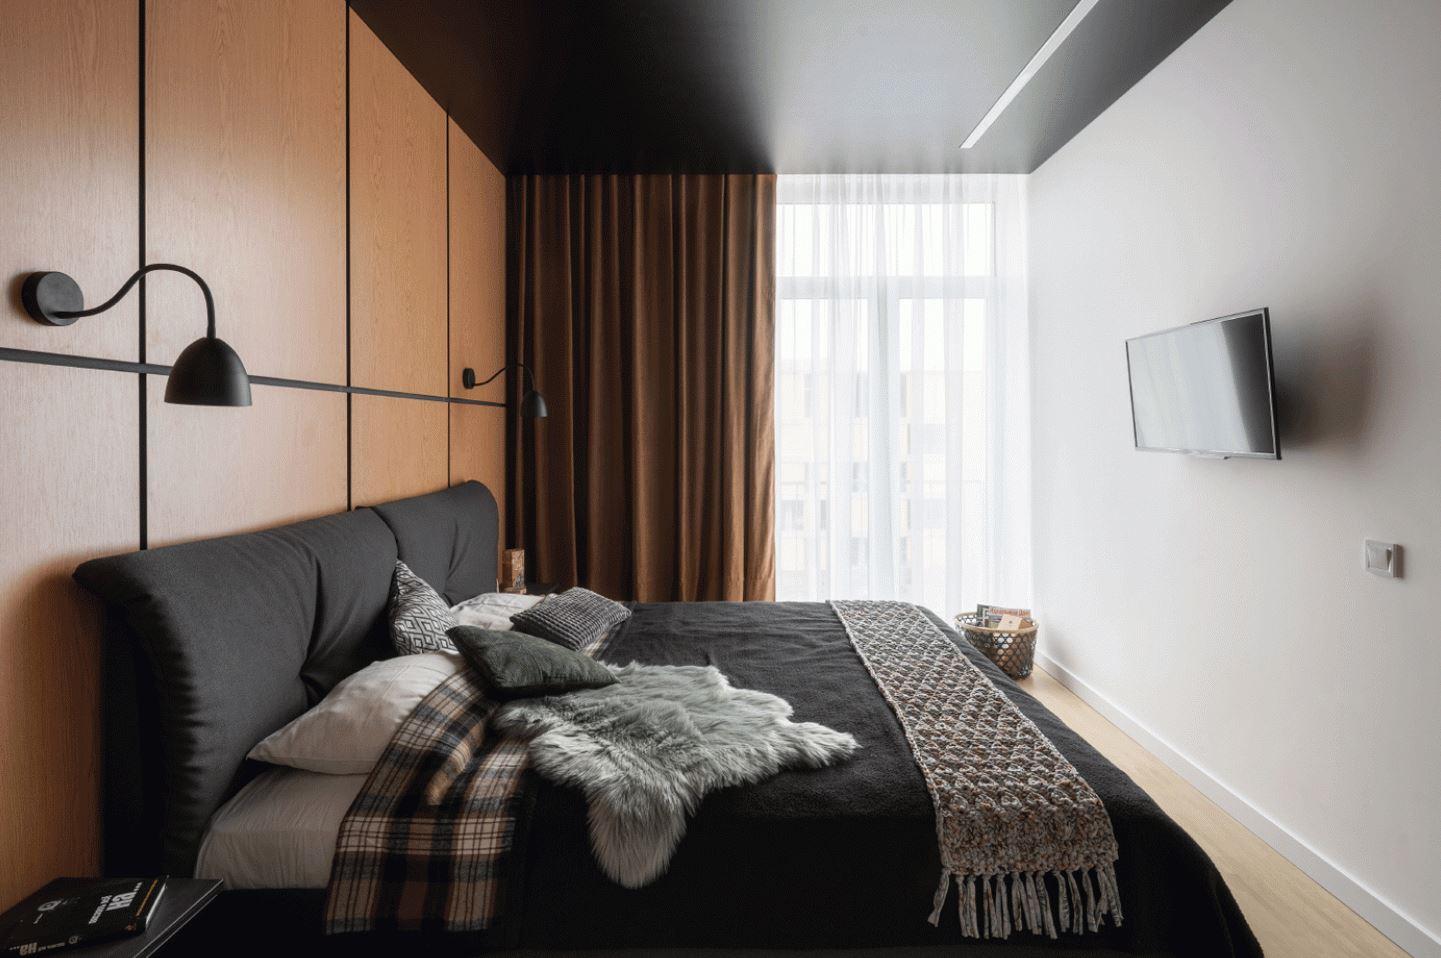 Спальня, тёмный качественный текстиль, шкура, плед, панорамные окна